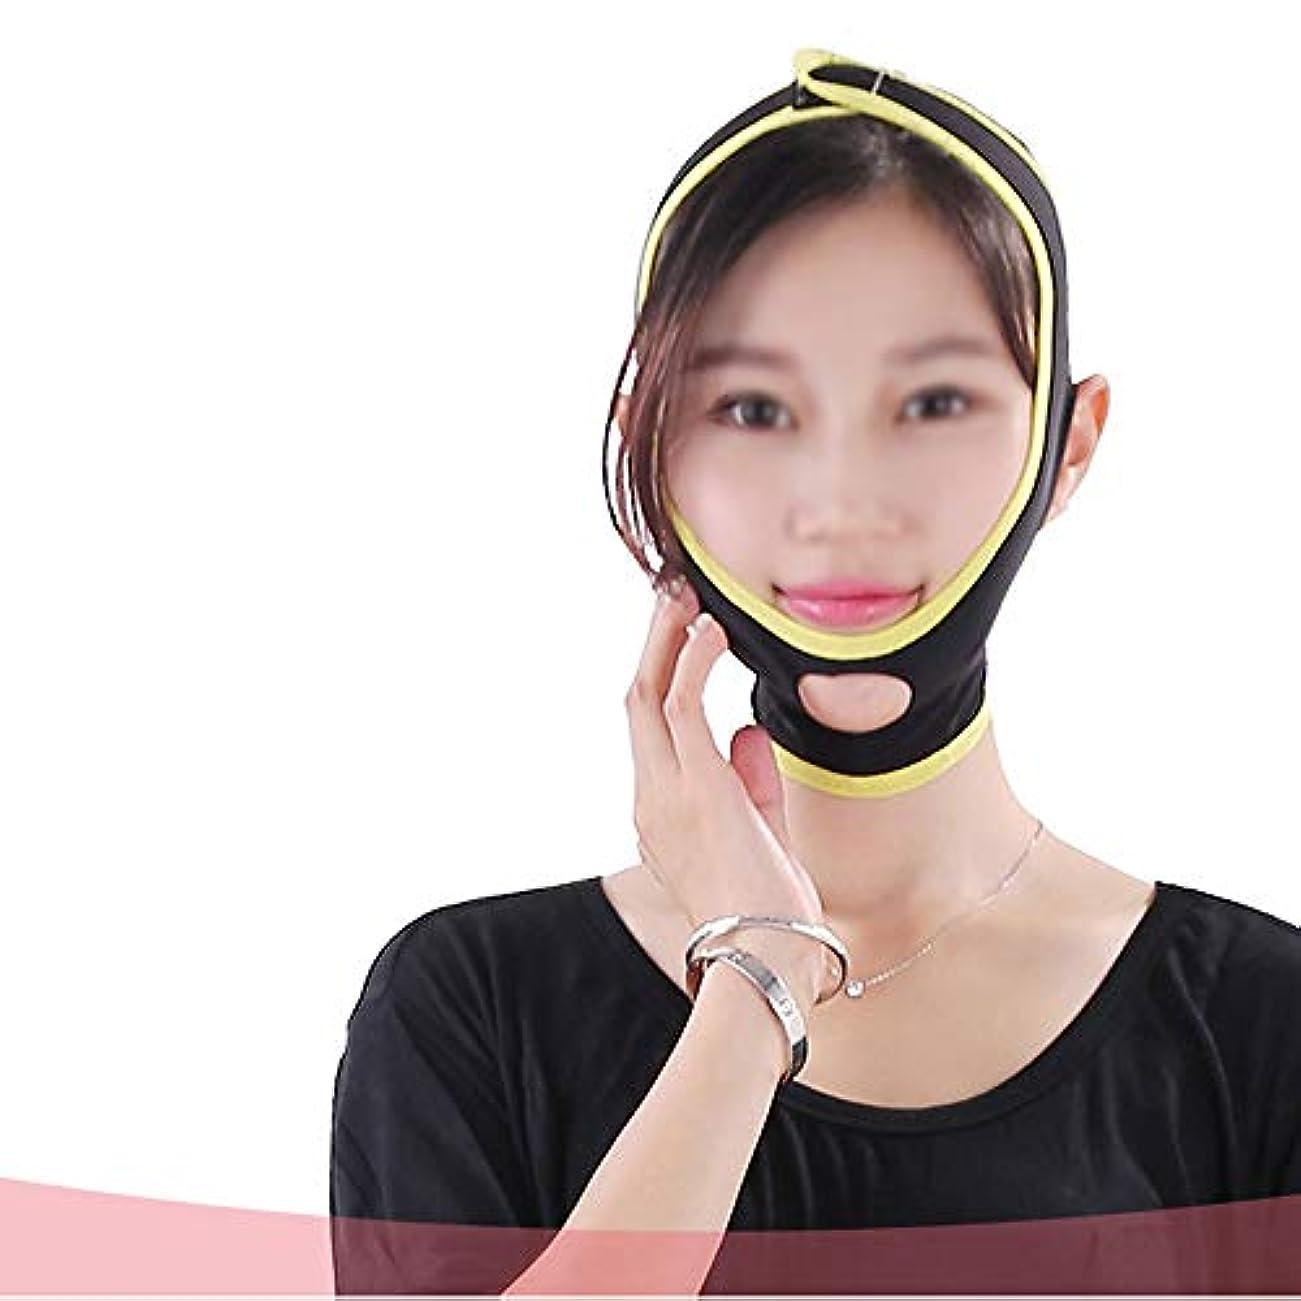 バンケットカバレッジ満了GLJJQMY 薄い顔包帯通気性睡眠小さいVフェイスマスクリフティング引き締め肌アーティファクトは二重あご顔の減量包帯を減らす 顔用整形マスク (Size : L)